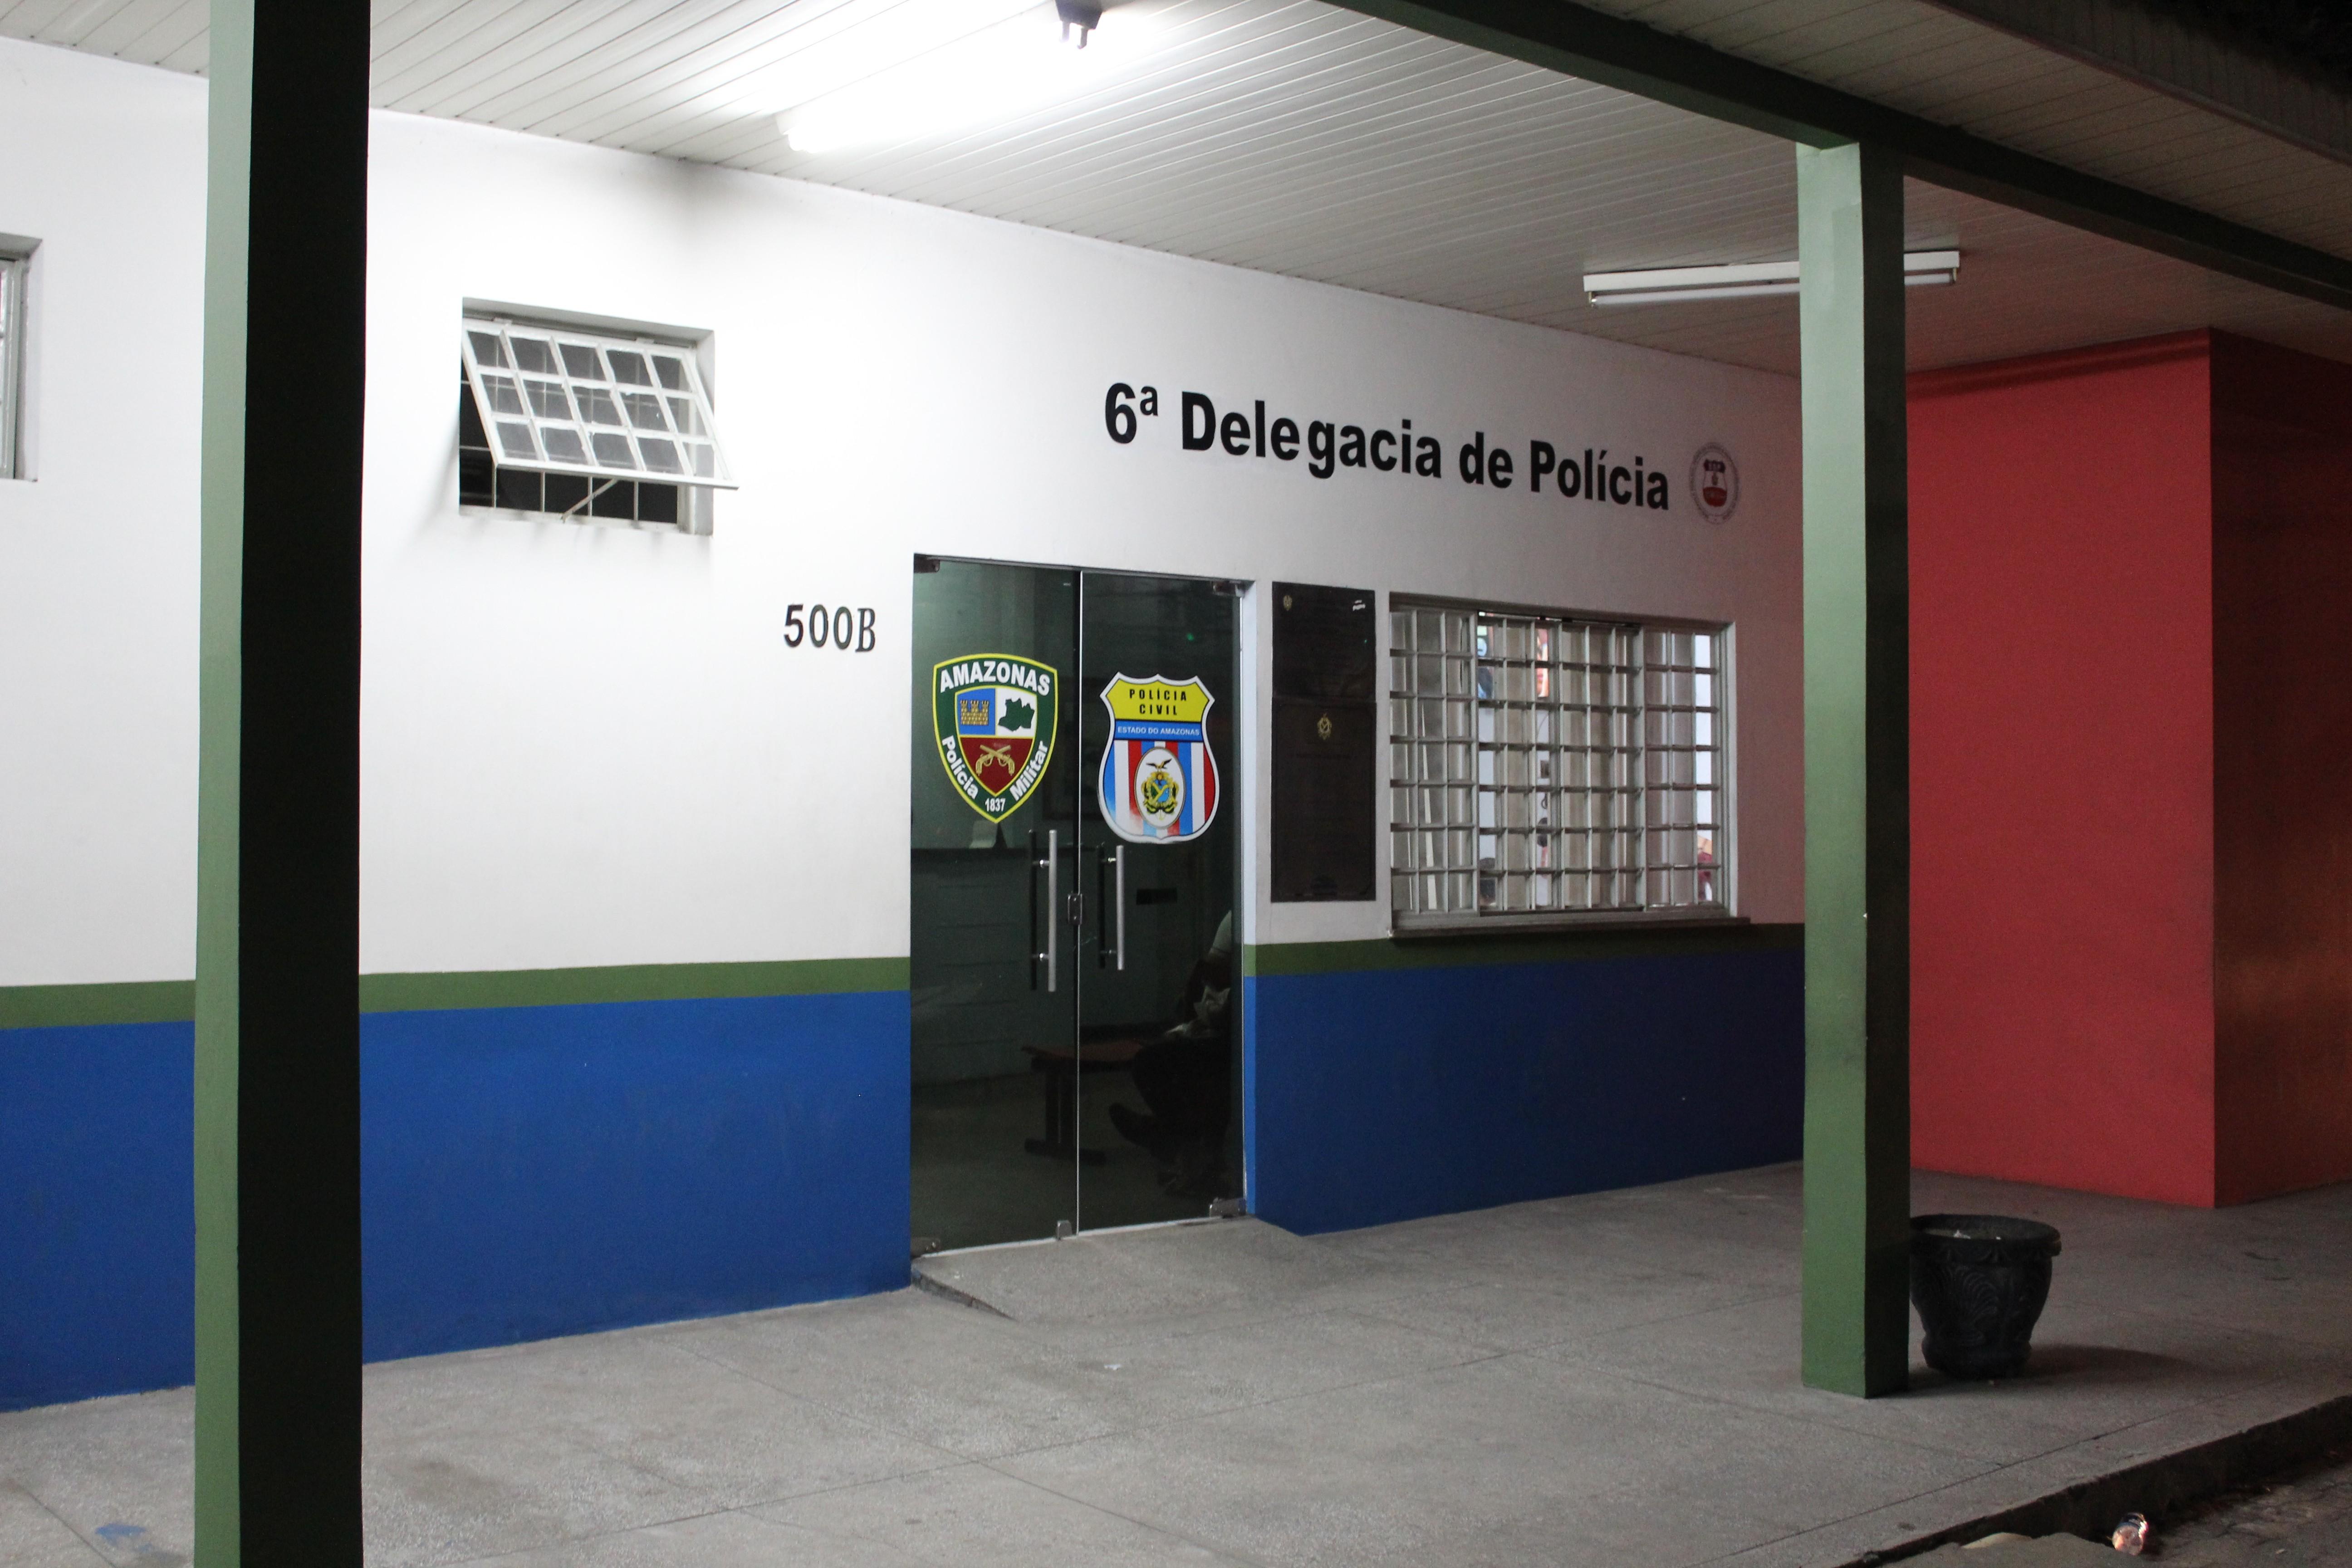 Suspeito é agredido e preso após passageiros de ônibus reagirem a assalto, em Manaus  - Radio Evangelho Gospel